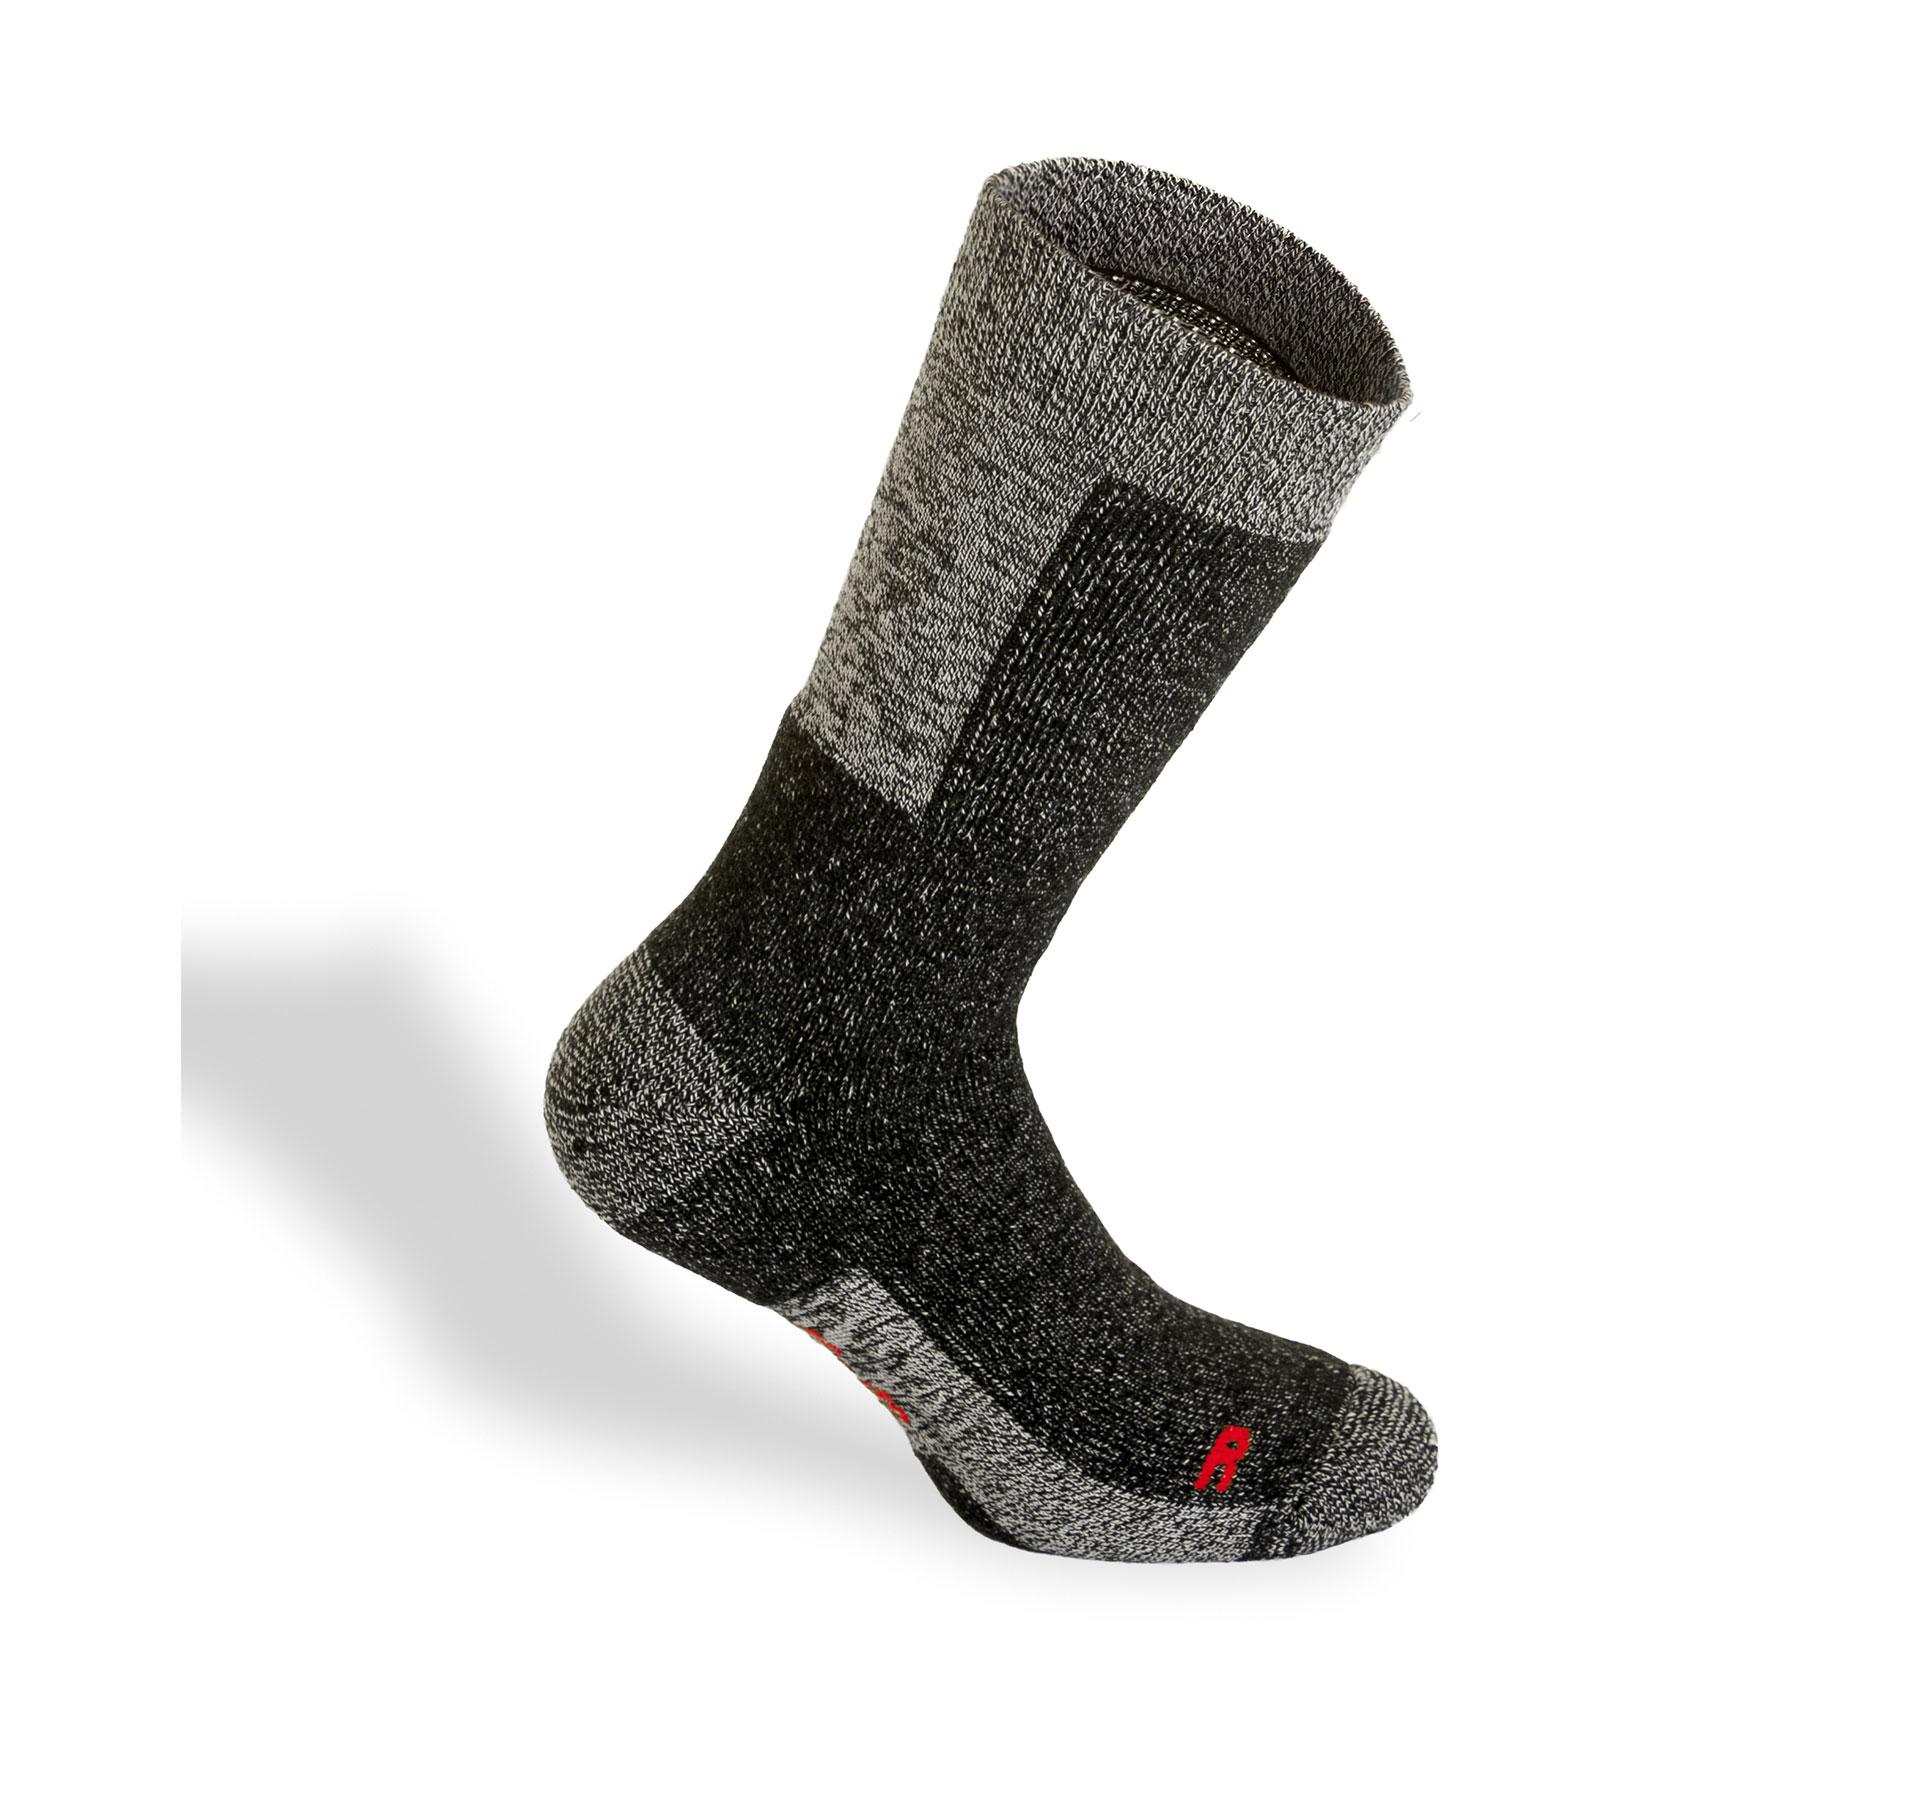 vendita calze antinfortunistiche uomo